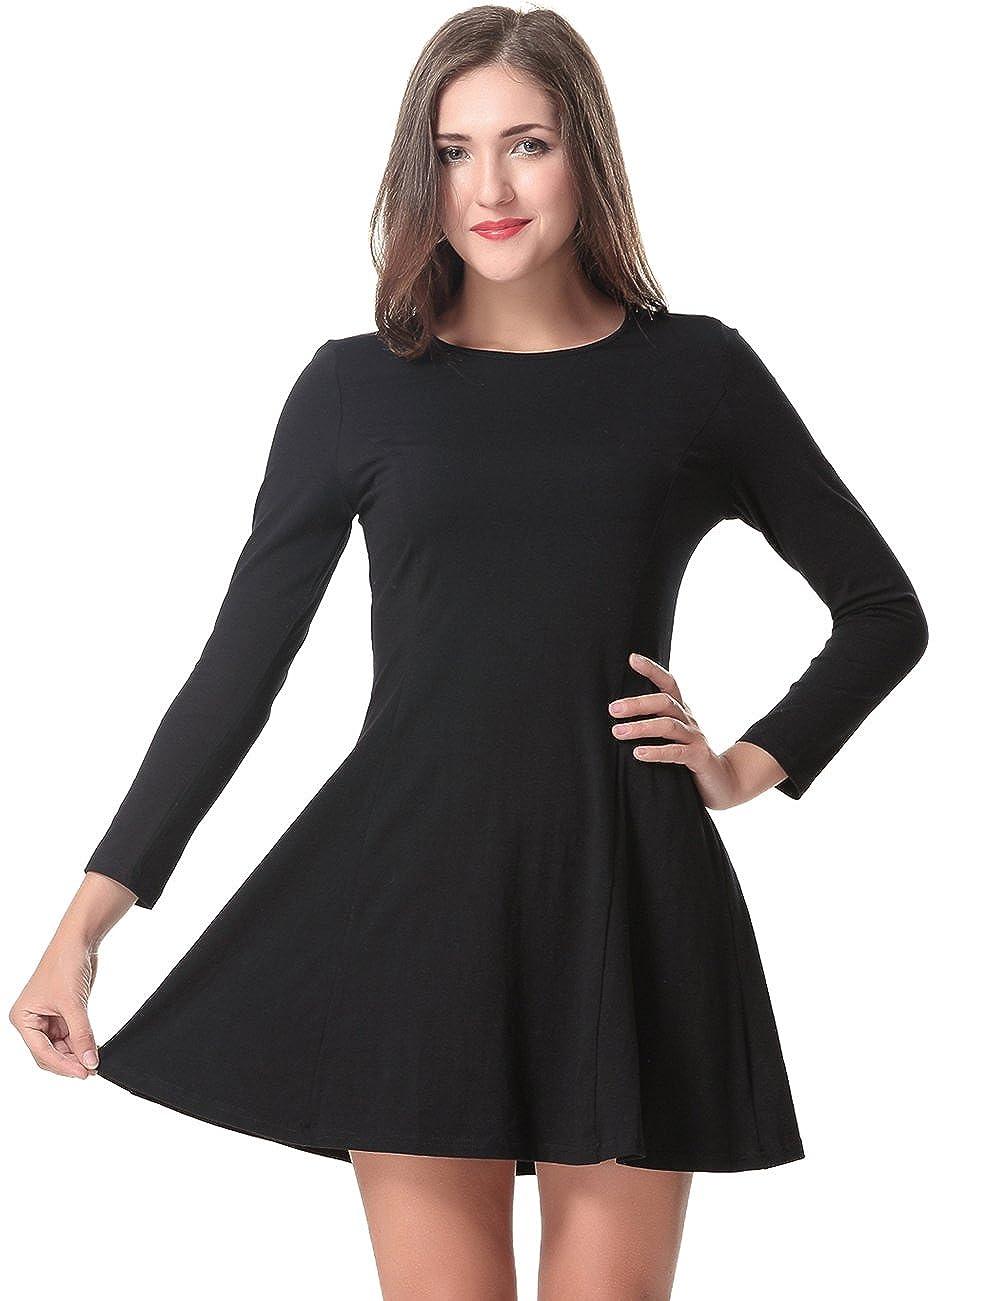 2019 year for women- High feminine neck dresses love list